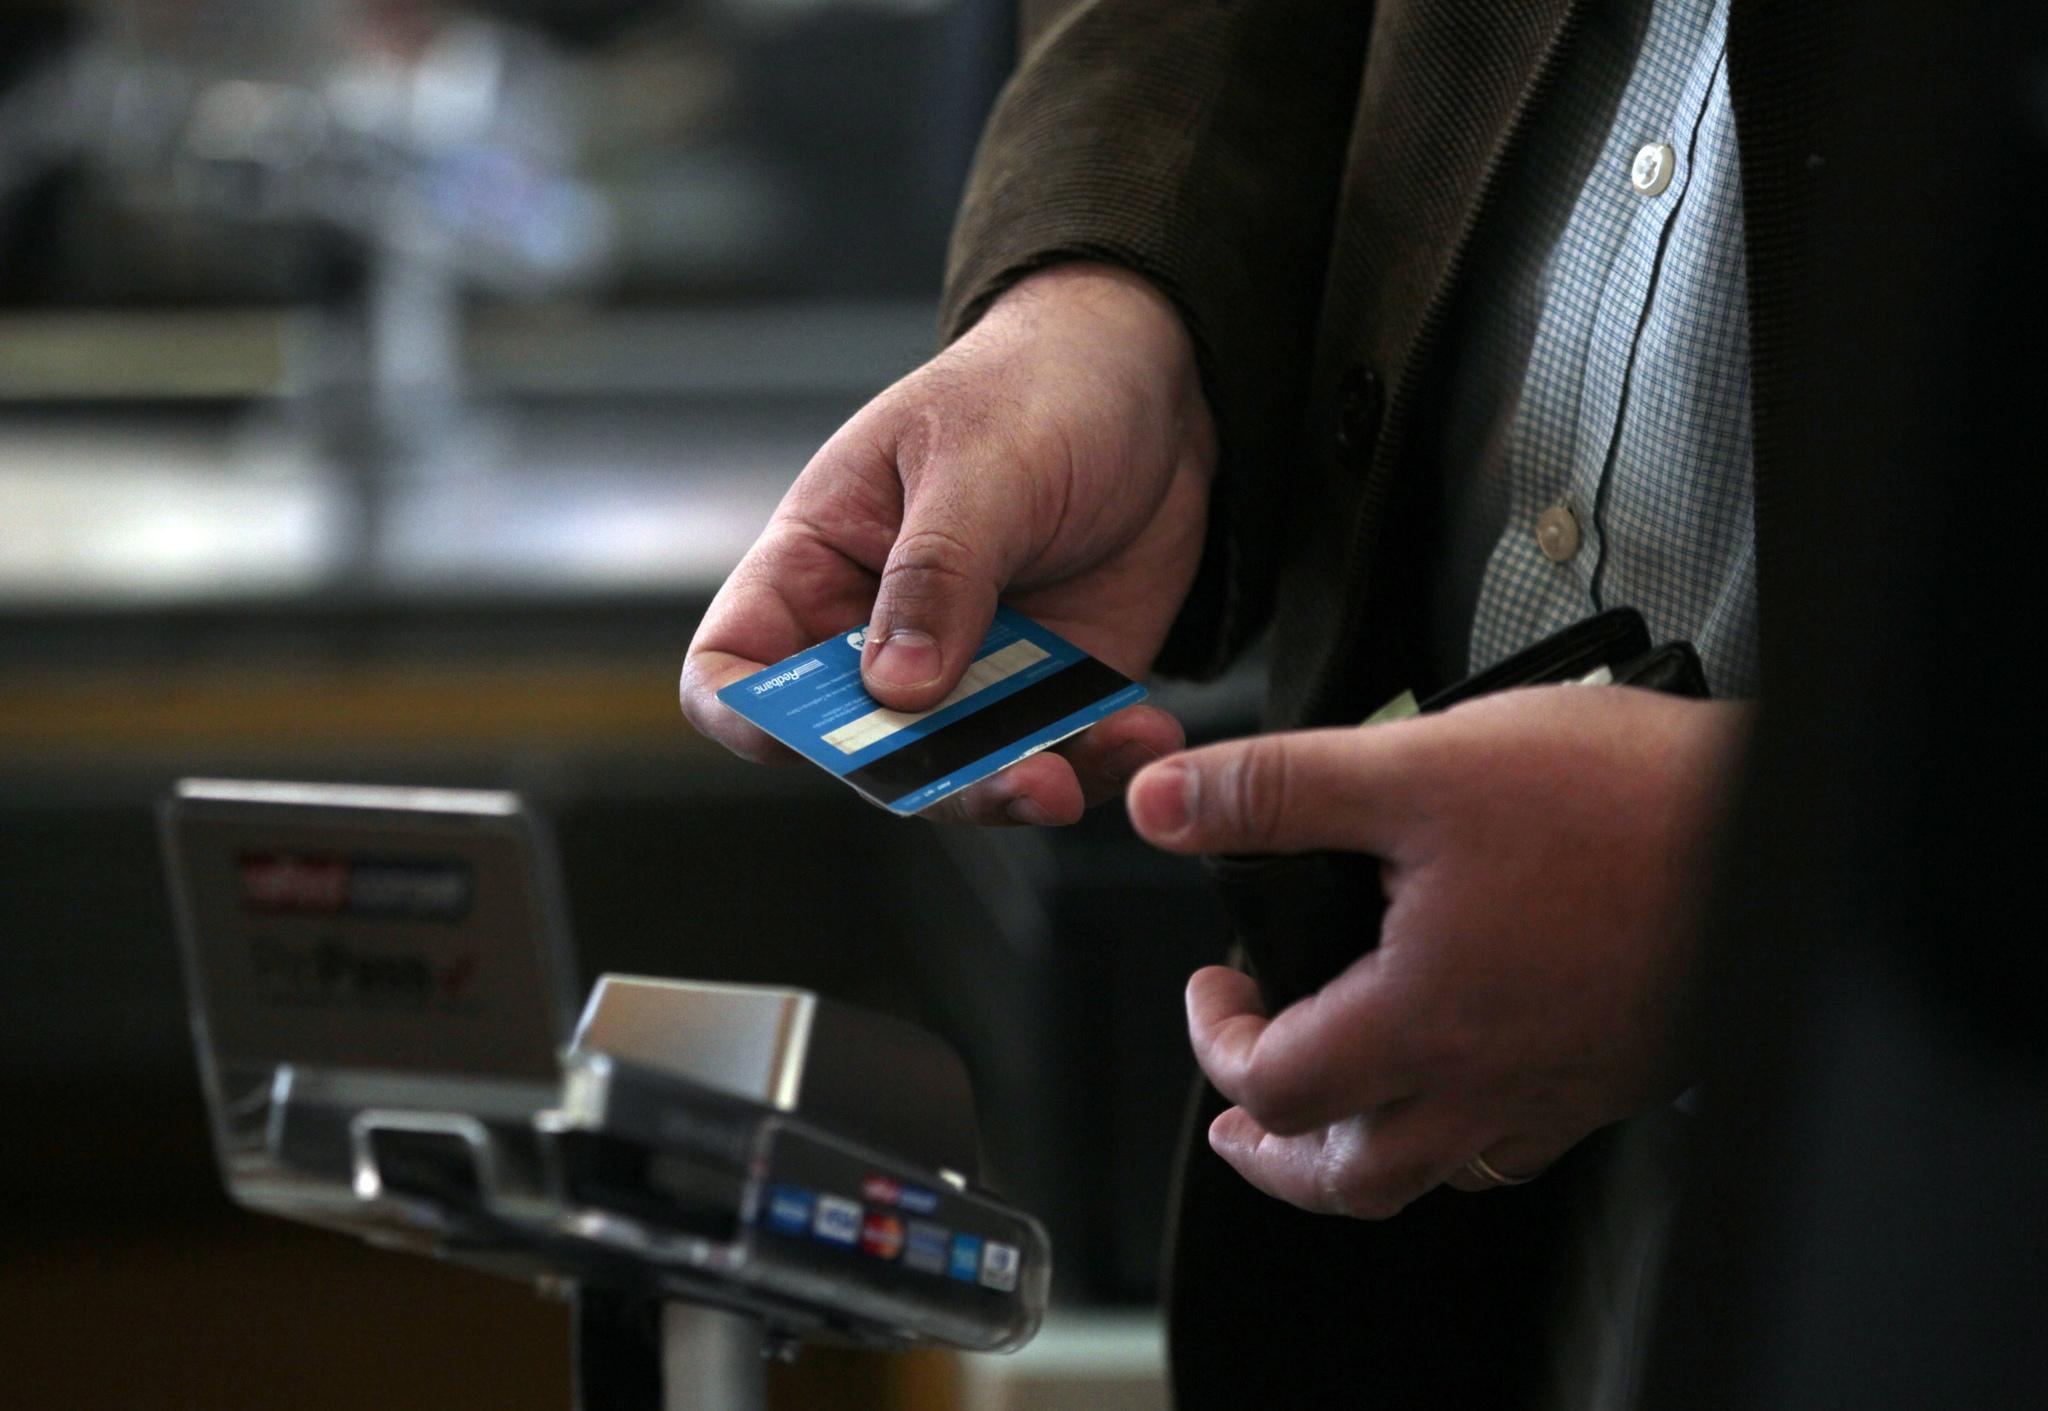 Los bancos apuestan por las tarjetas 'revolving' pese a la crisis: frenan la bajada de precios y suben las comisiones